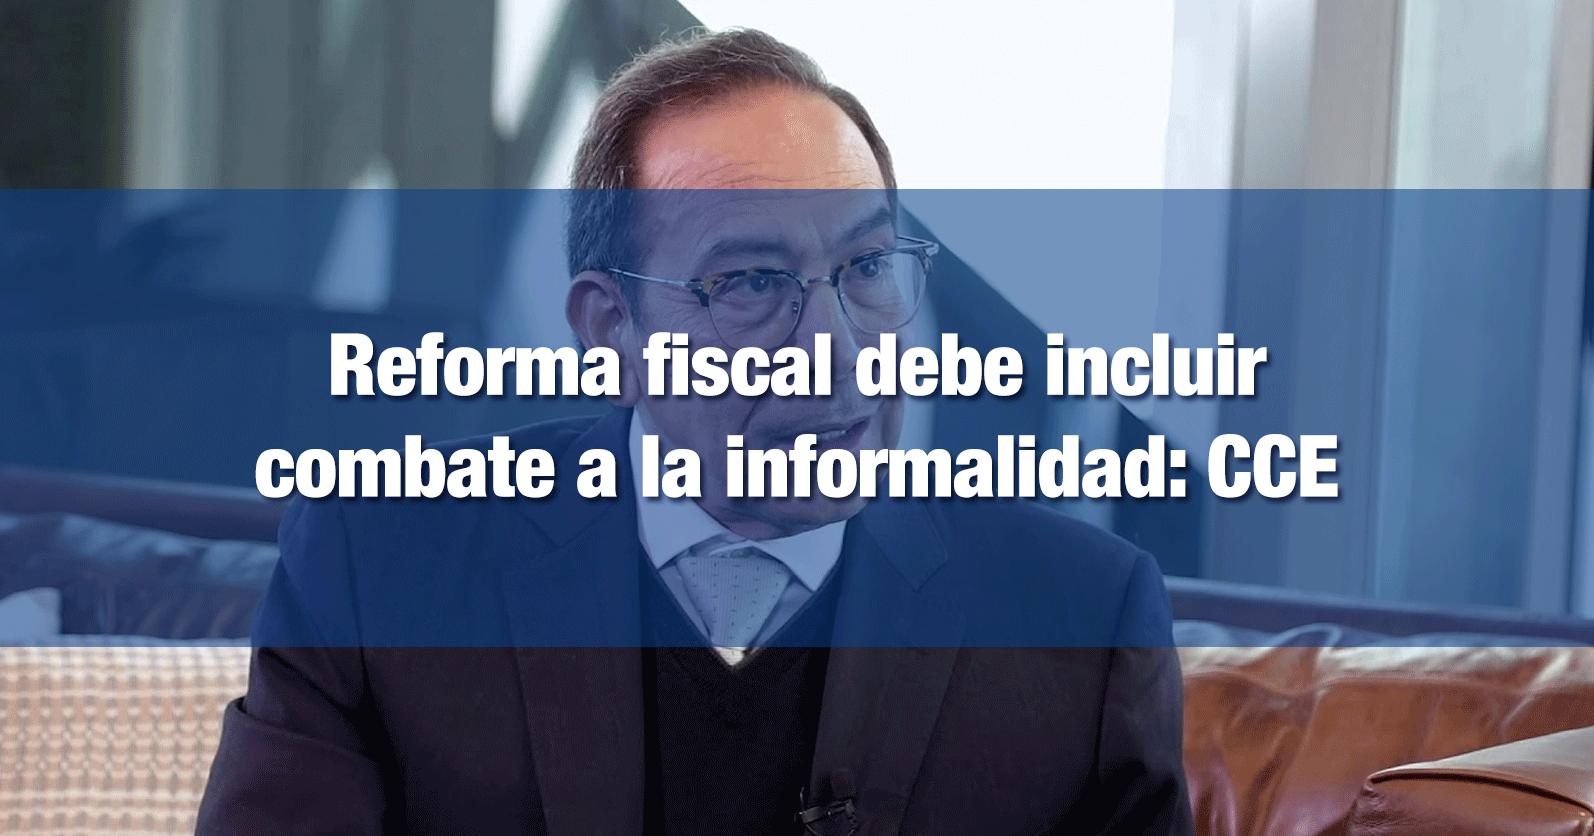 Reforma fiscal debe incluir combate a la informalidad: CCE